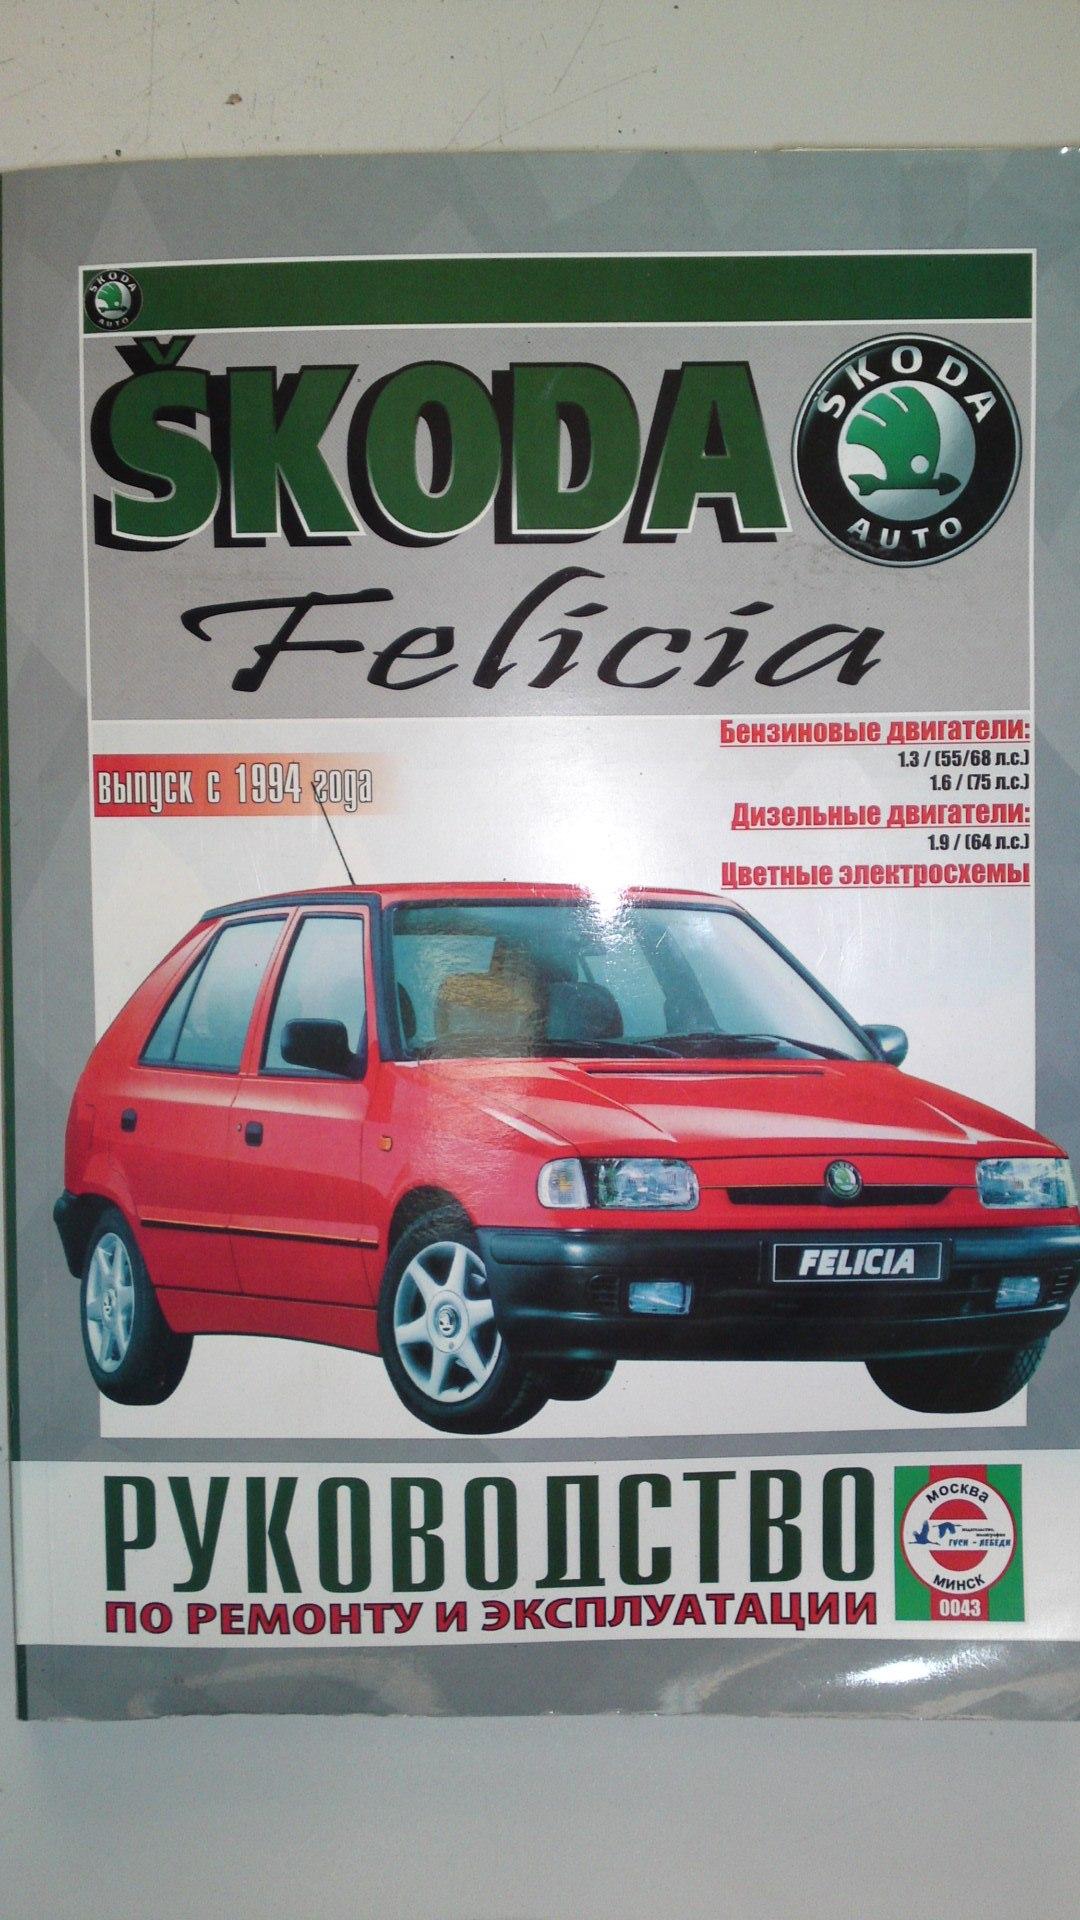 скачать книгу по эксплуатации автомобиля skoda felicia